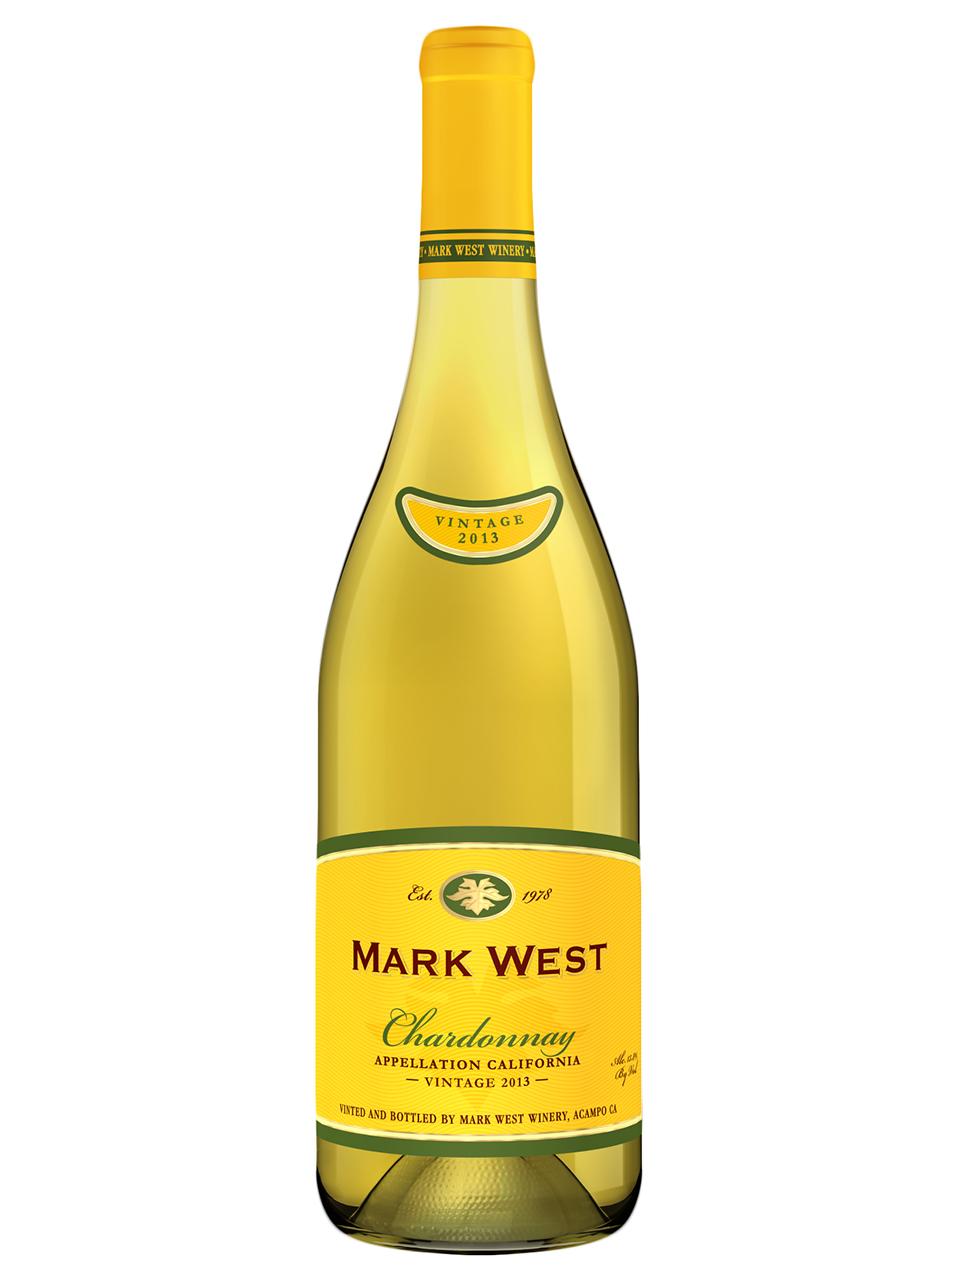 Mark West Central Coast Chardonnay